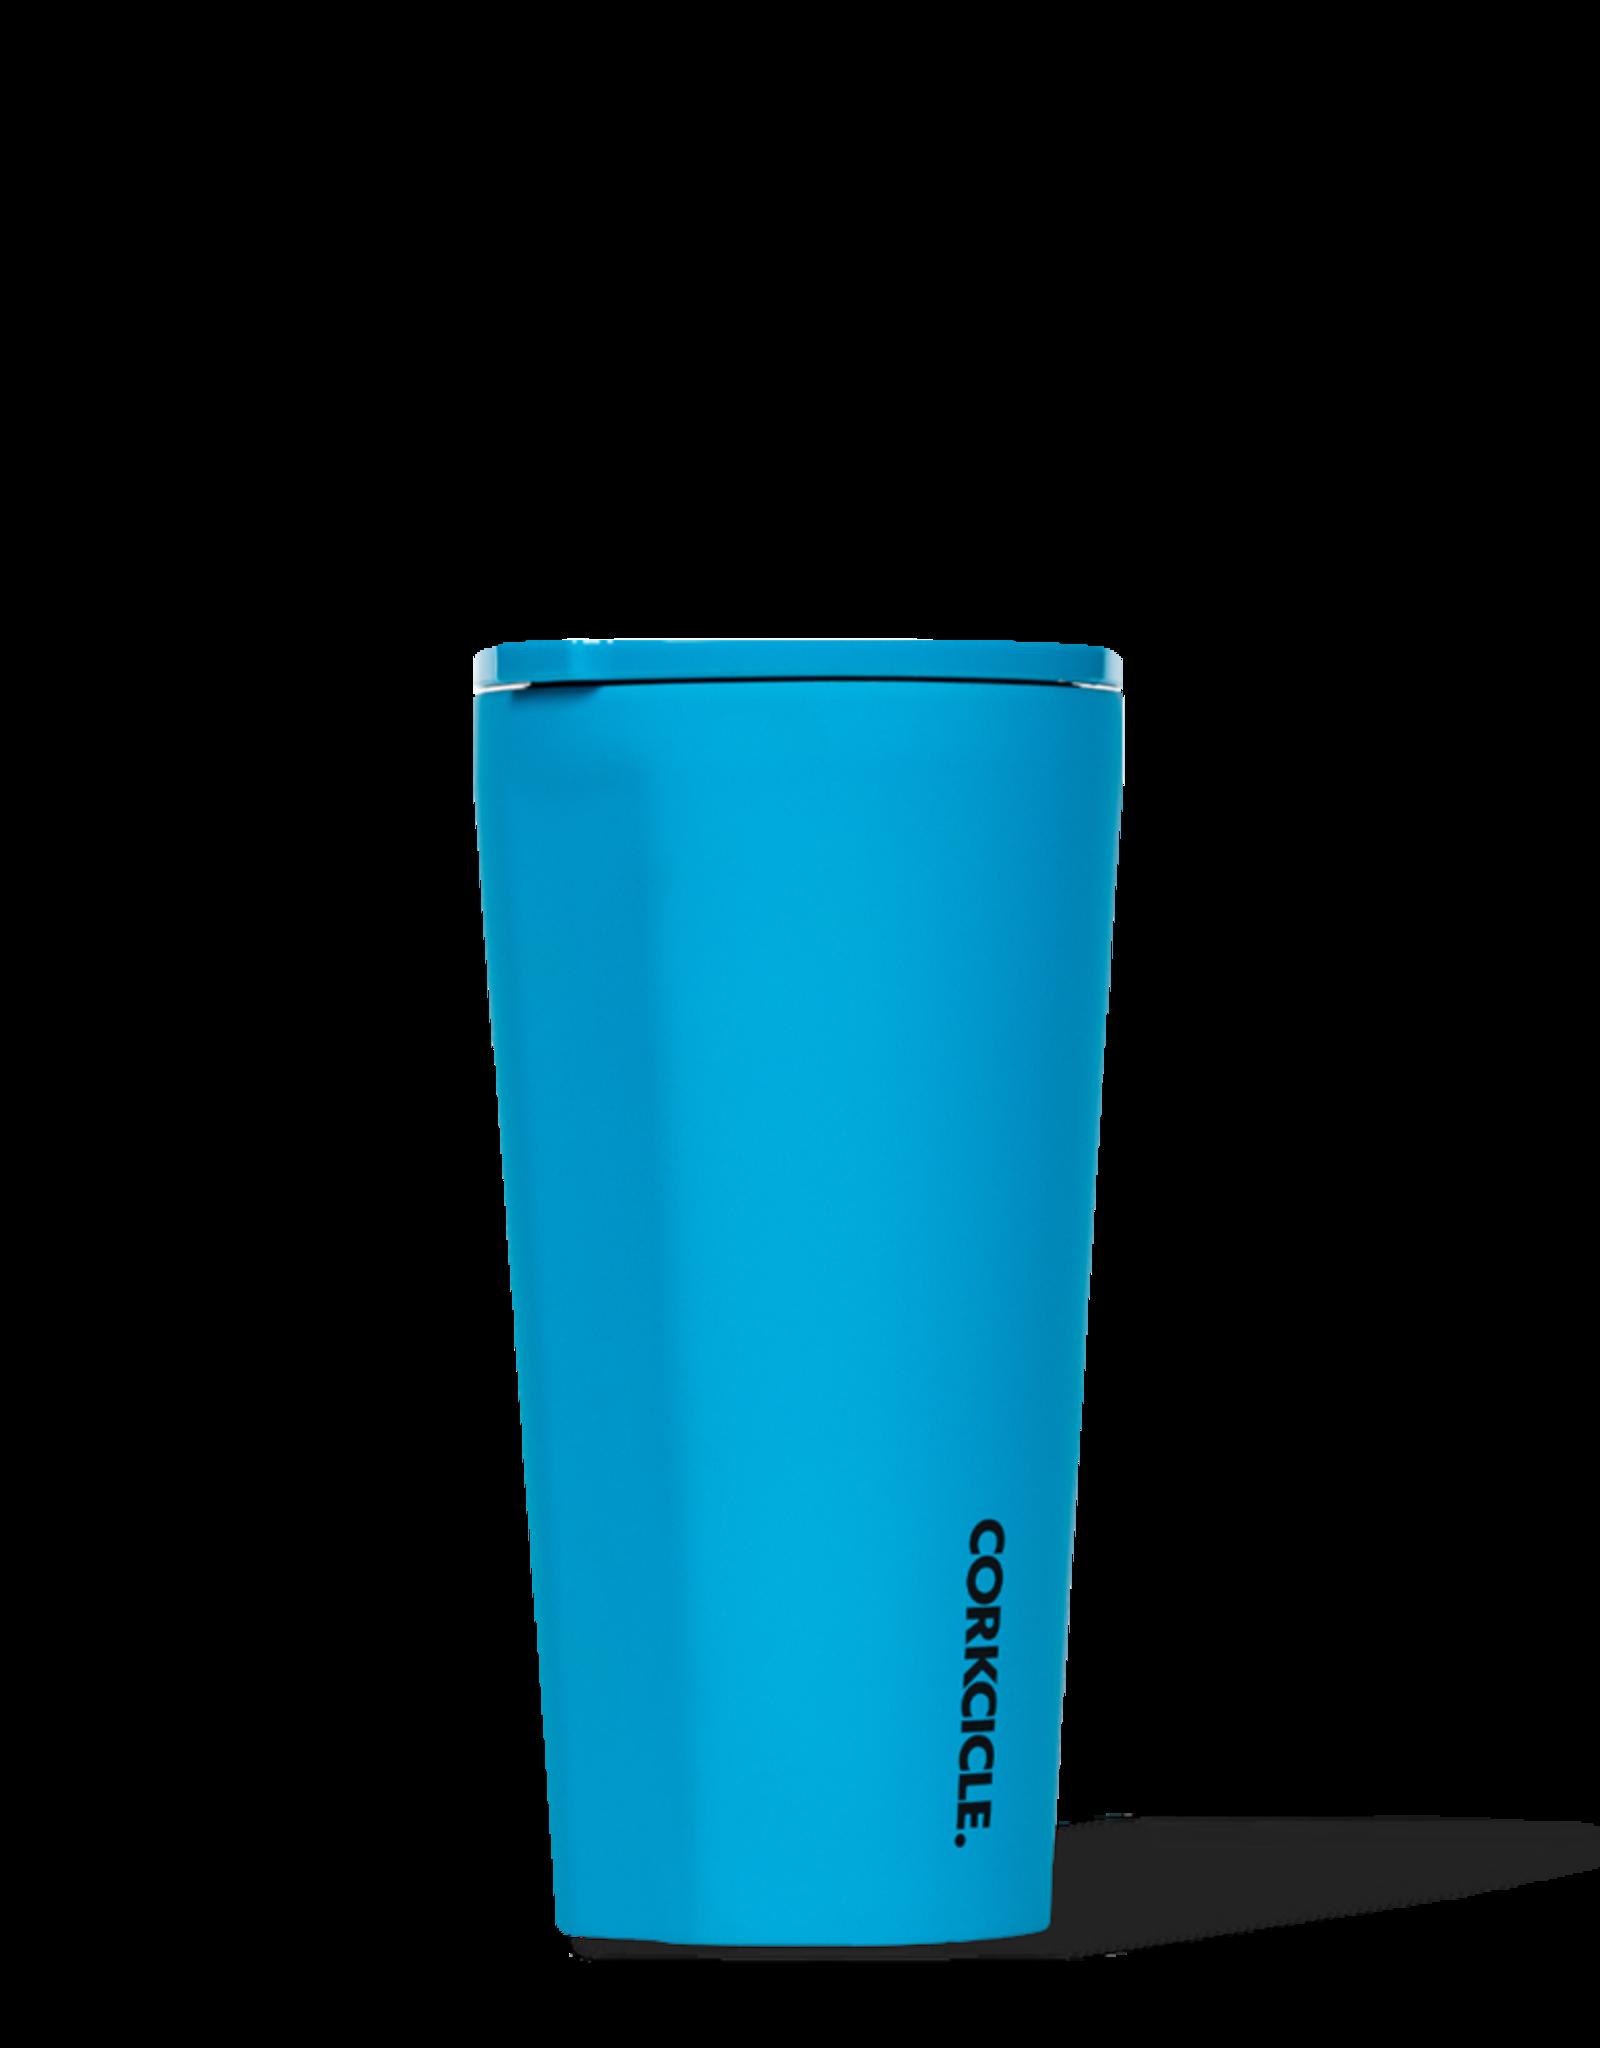 Corkcicle Corkcicle - 16oz Tumbler Neon Blue